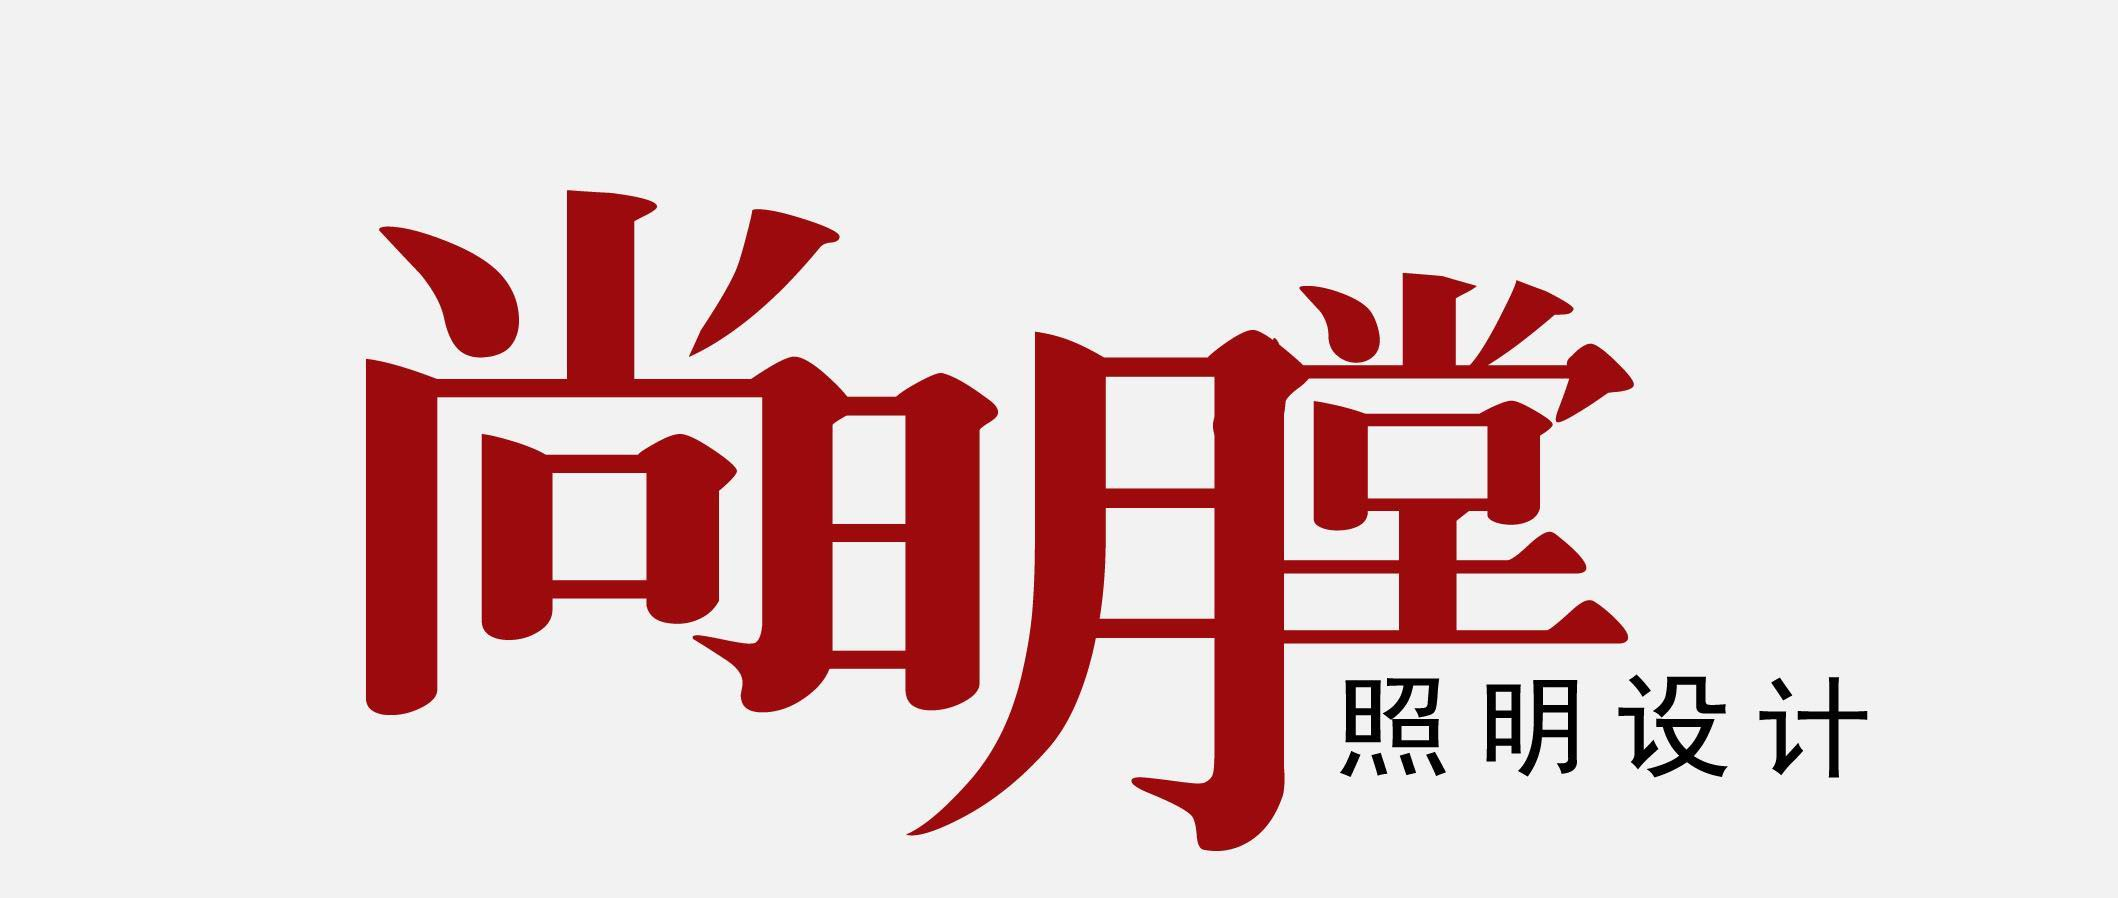 苏州尚明堂照明设计有限公司